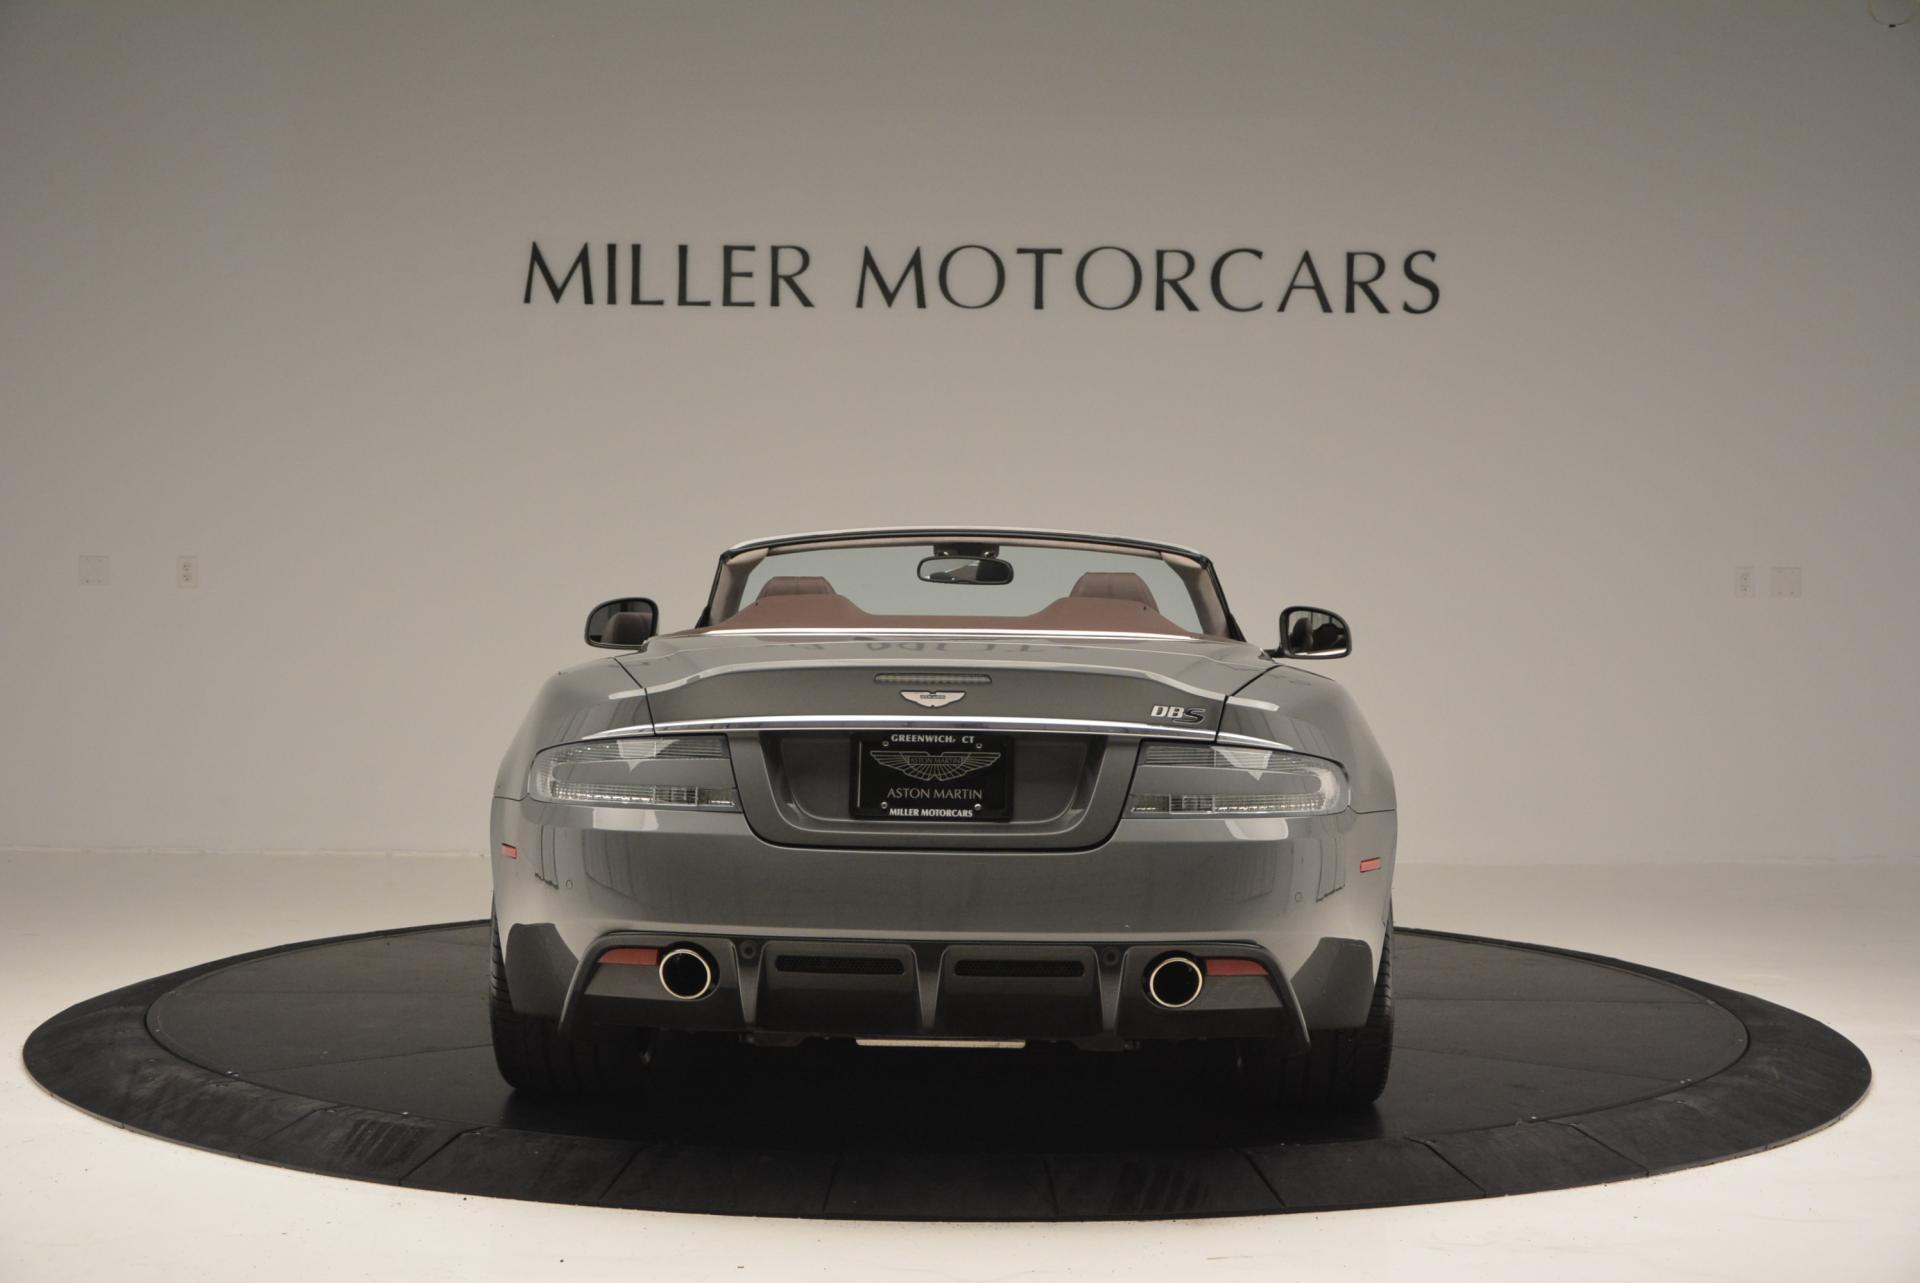 Used 2010 Aston Martin DBS Volante For Sale In Greenwich, CT. Alfa Romeo of Greenwich, 7035 87_p6